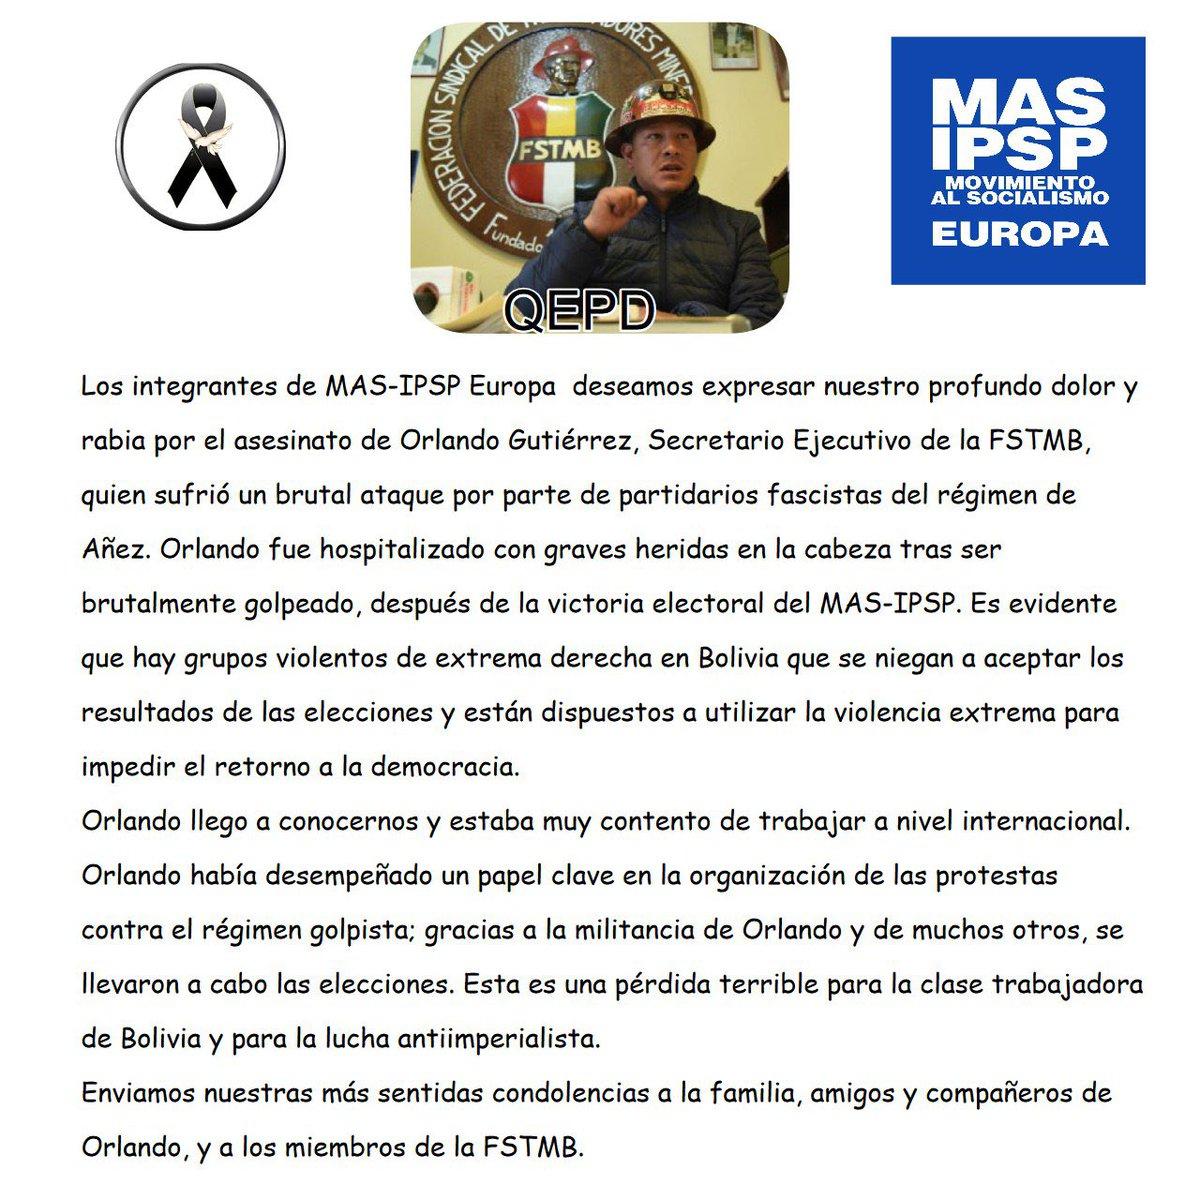 Los bolivianos en #Europa exigimos investigación y justicia! El fallecimiento de #OrlandoGutierrez es una pérdida enorme para la democracia en #Bolivian. Nuestro sentido pésame para la familia y amistades! @LuchoXBolivia @LaramaDavid @evoespueblo @MAS_IPSP_MURCIA @MallorcaMas https://t.co/lLB8DIGJZK